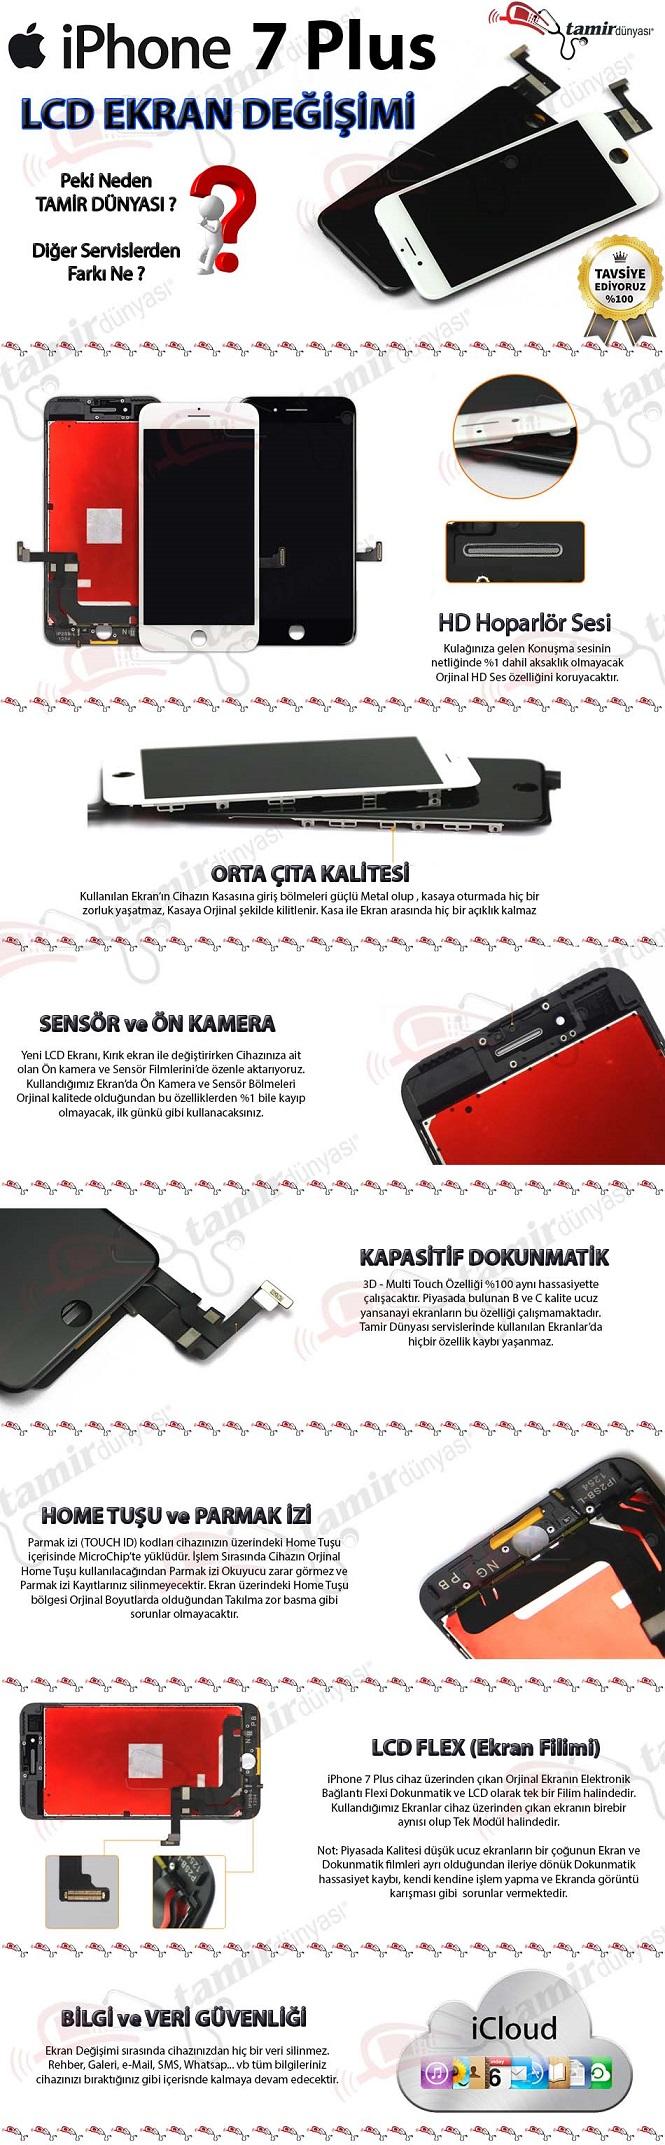 iphone7plusekran